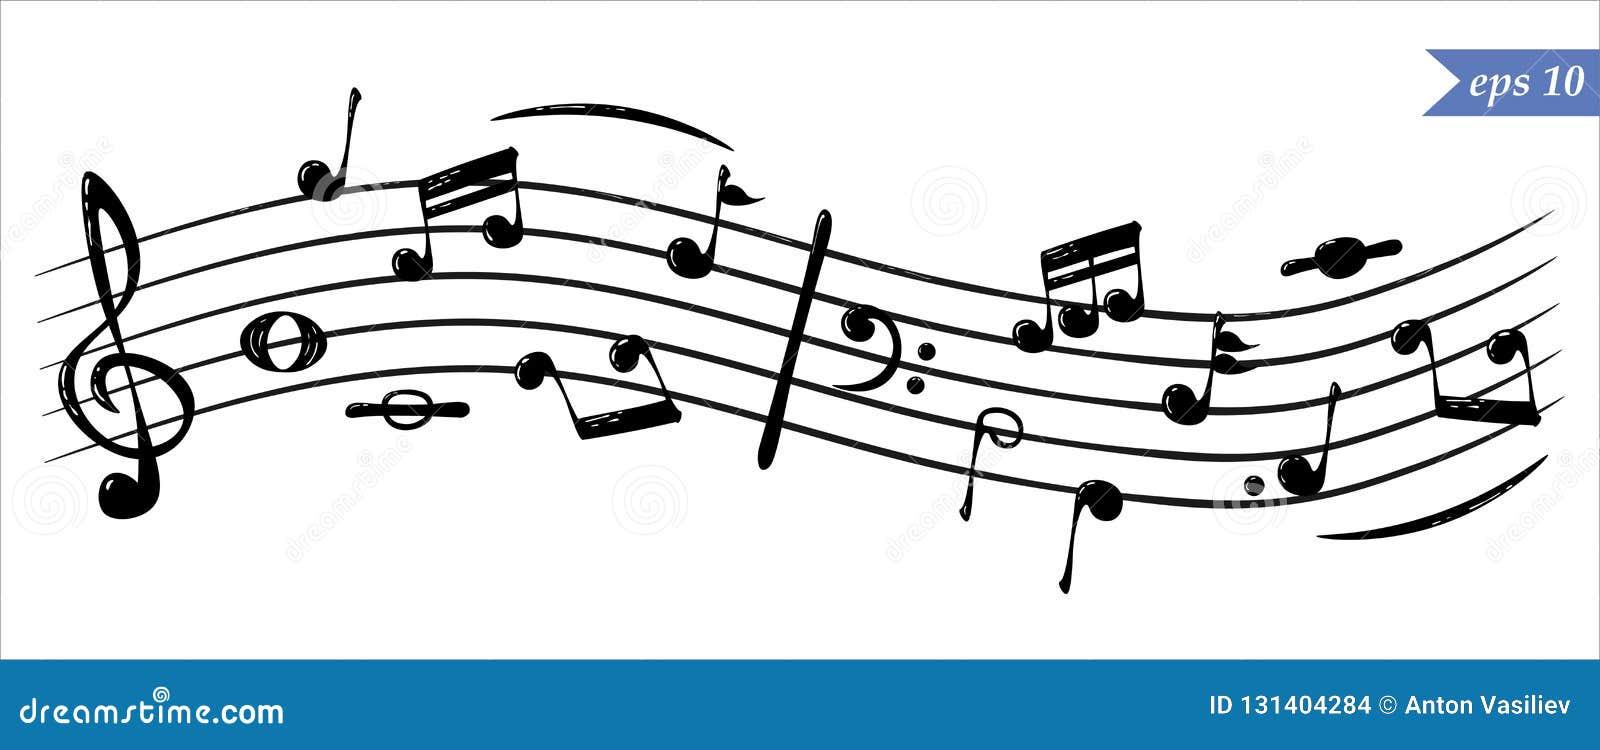 Realistyczne bieżące muzykalne notatki, wektor